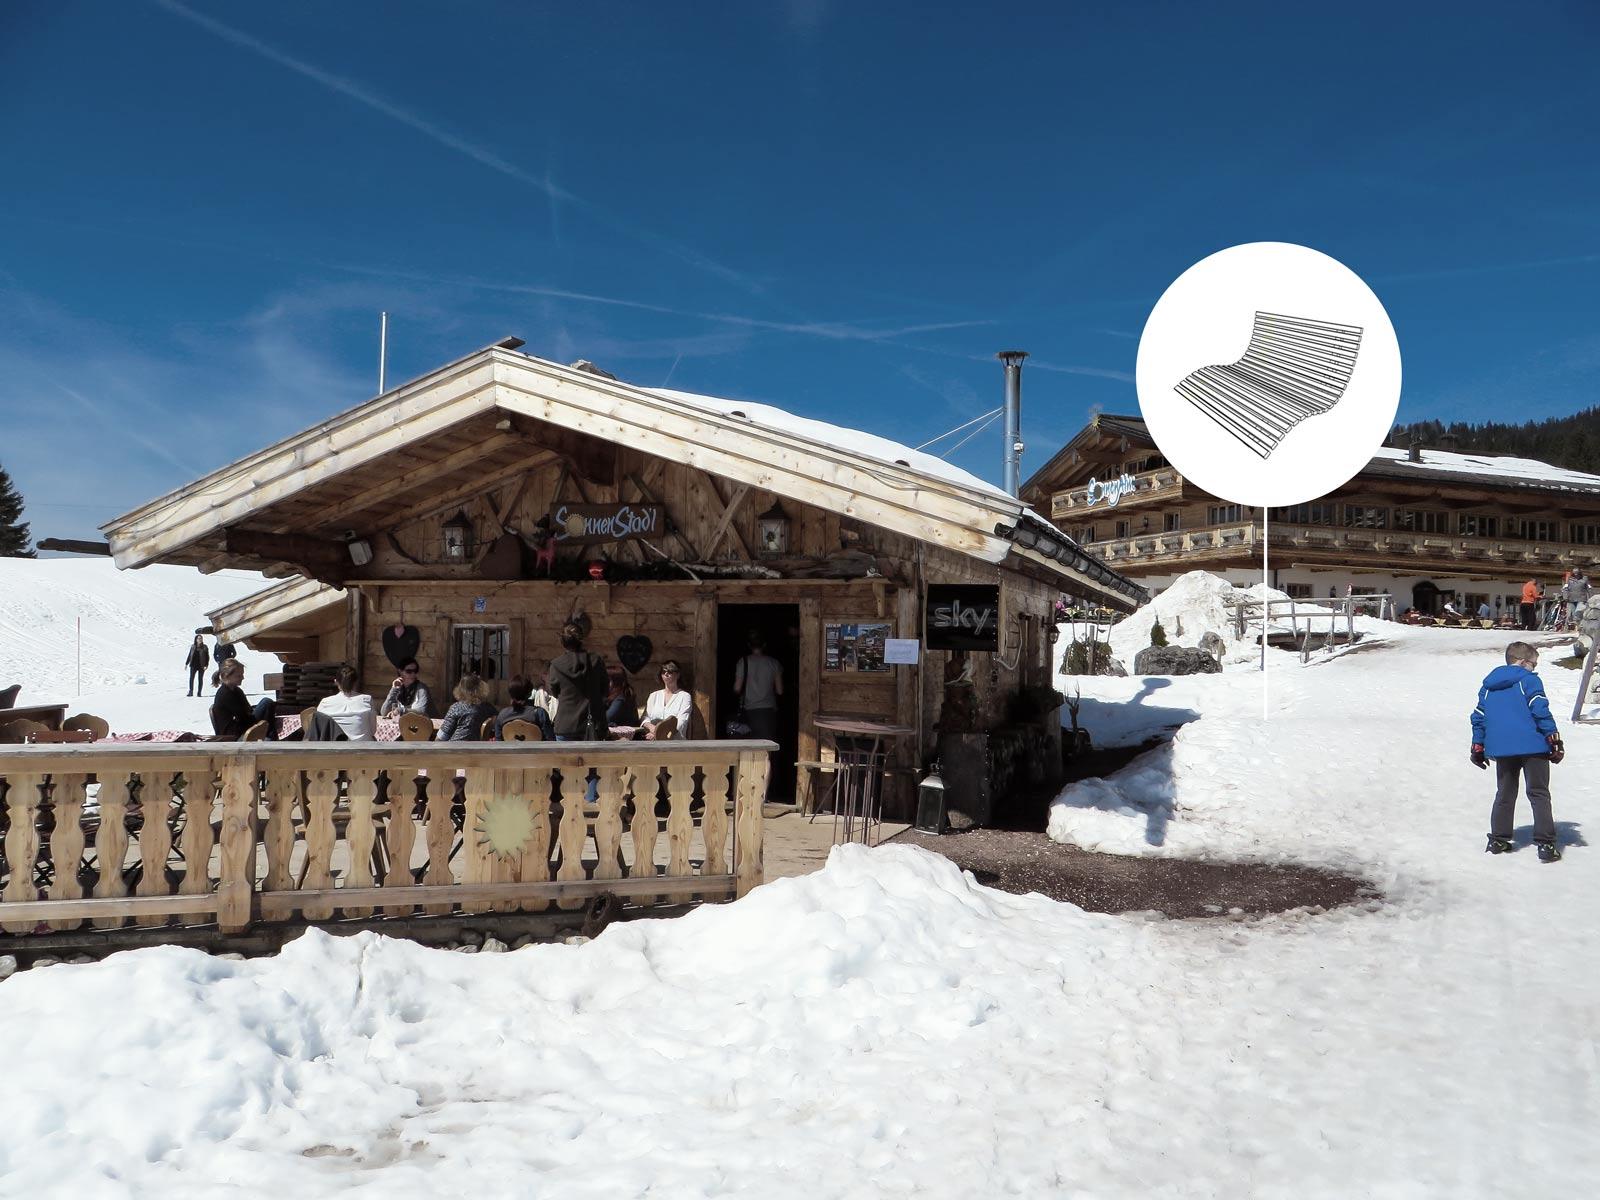 skihuette-liege-schneeliege-hangsofa